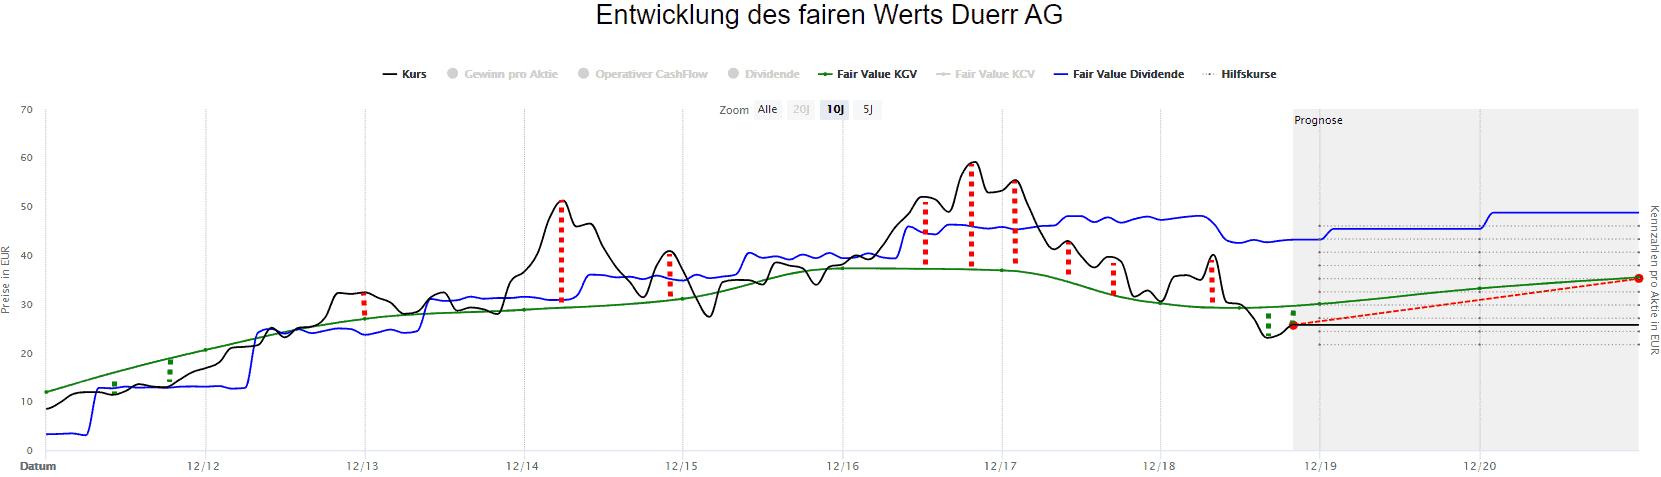 Wert Daimler Aktie